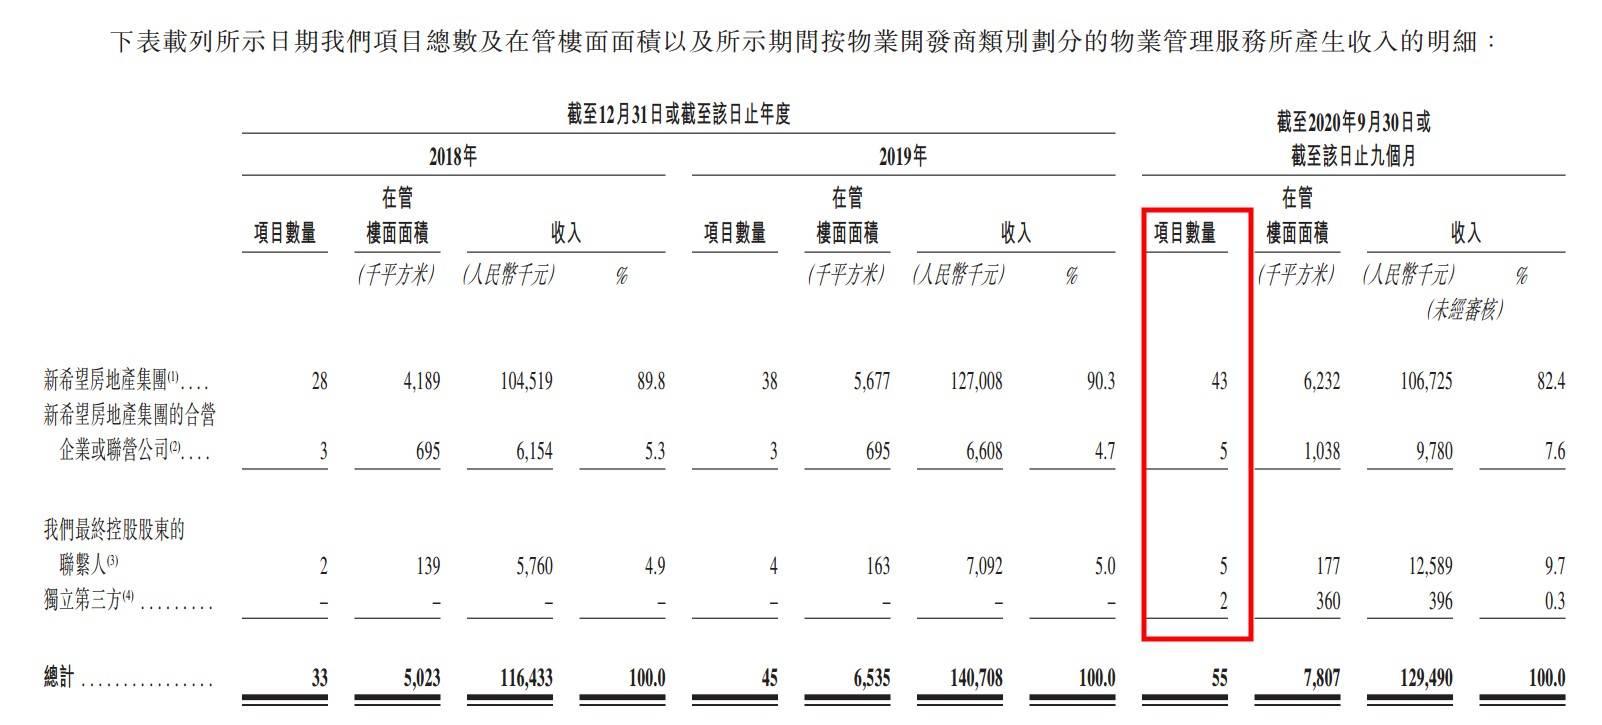 刘永好控股物业公司IPO 来自第三方项目仅2个